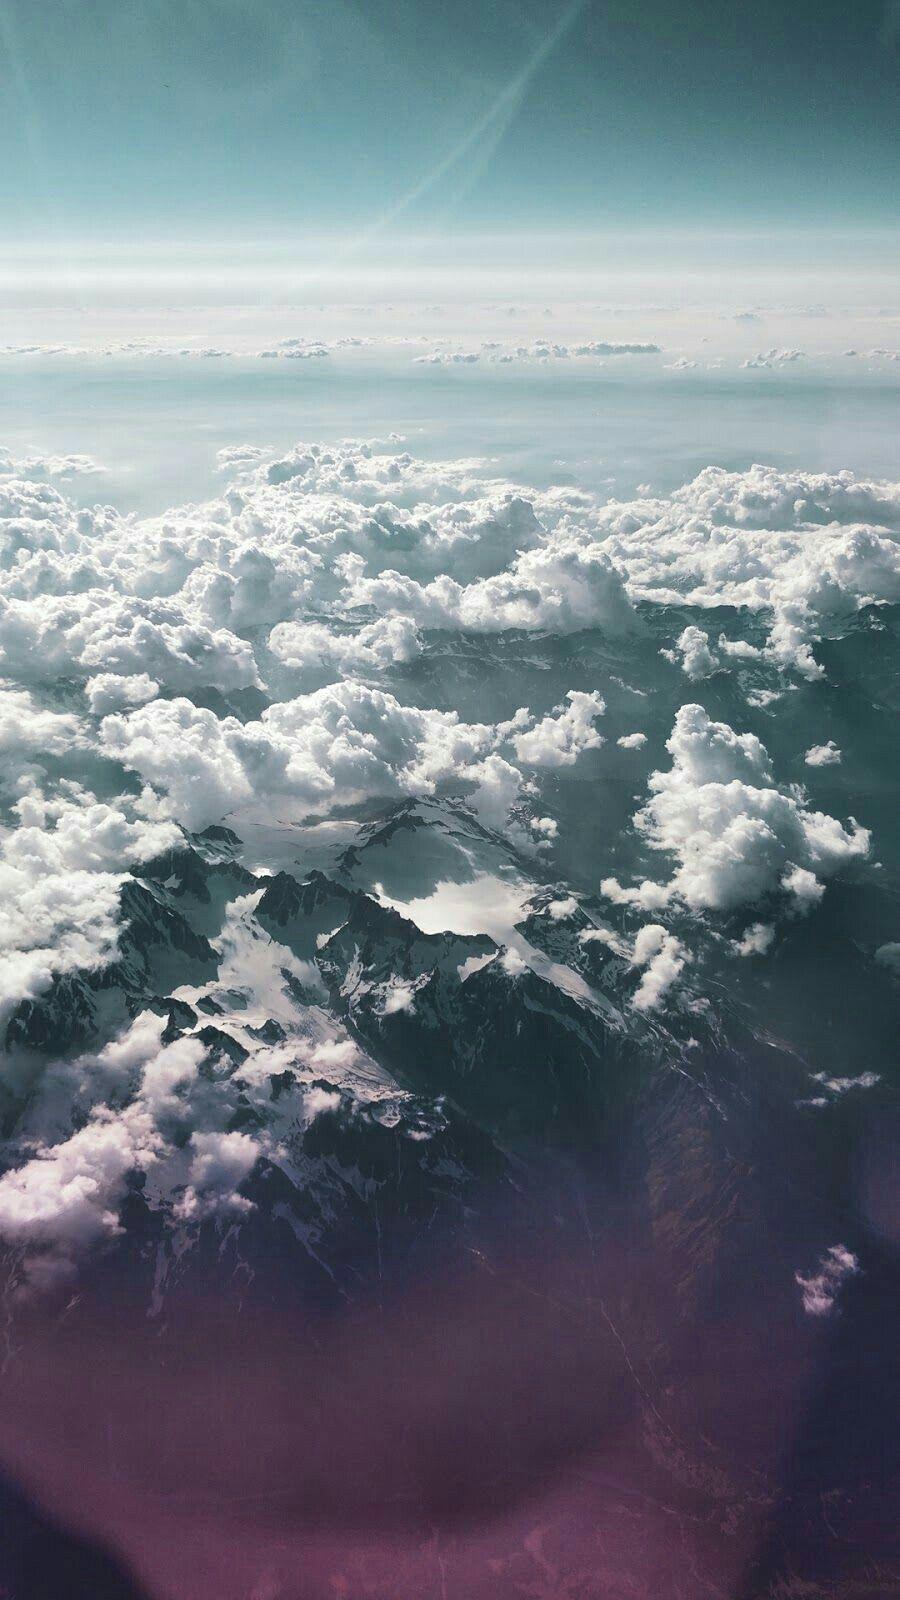 Pin by 👑 M r . B Ł A C K 🌚 🔱 on vôľ.7 in 2019 Clouds